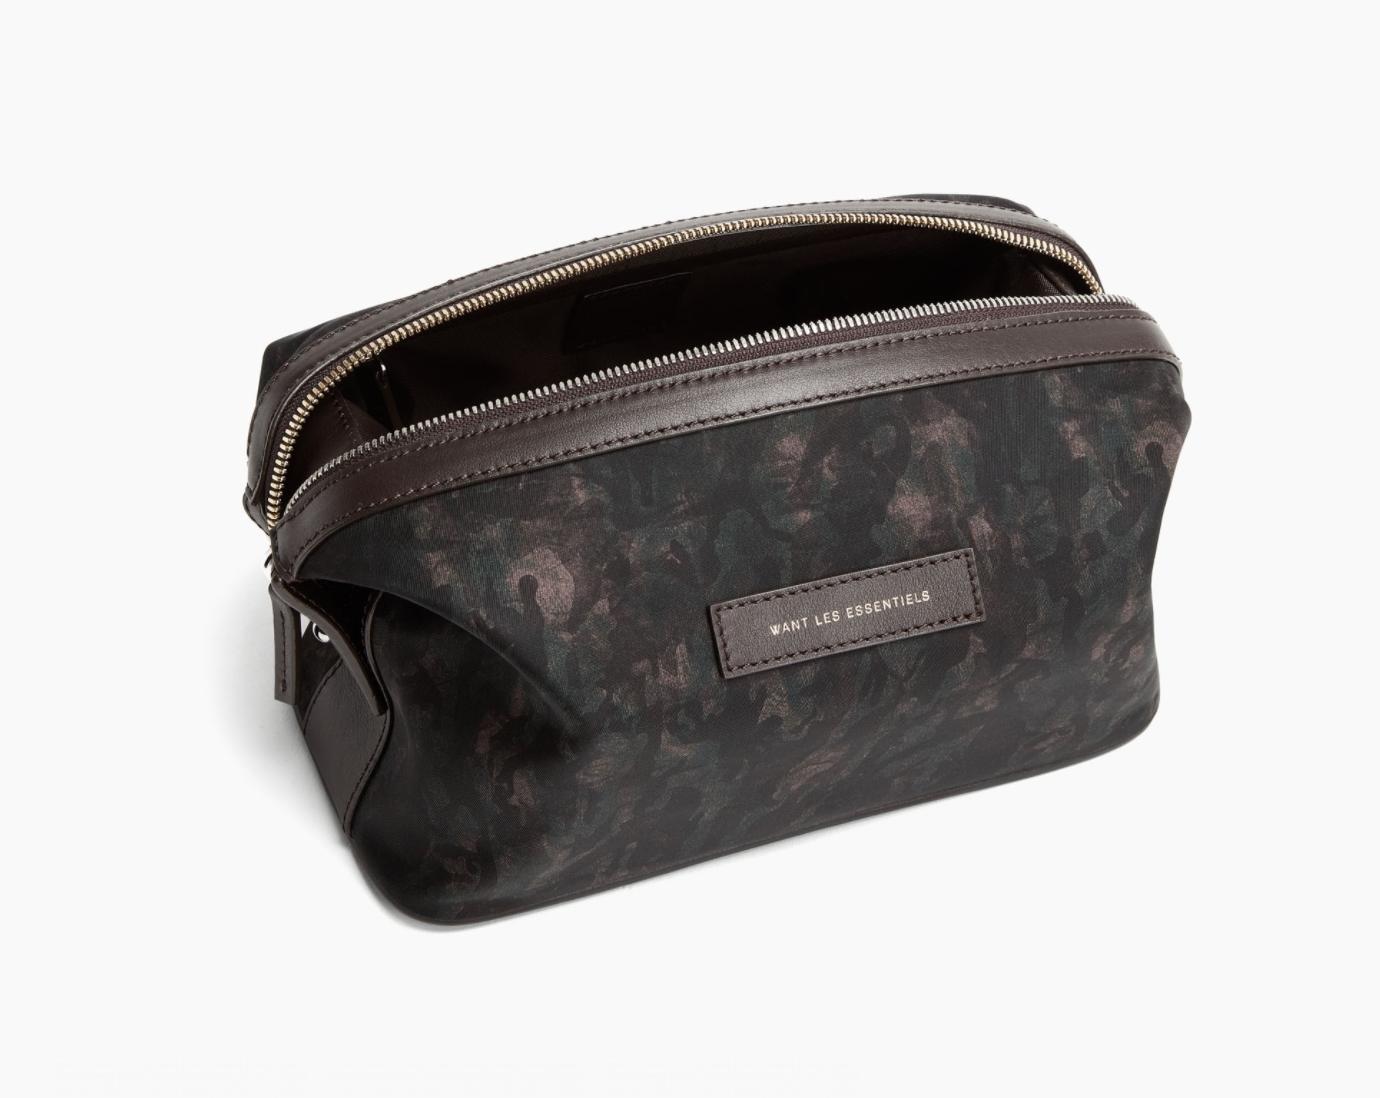 Want Essentiels Travel Bag - $150 CAD